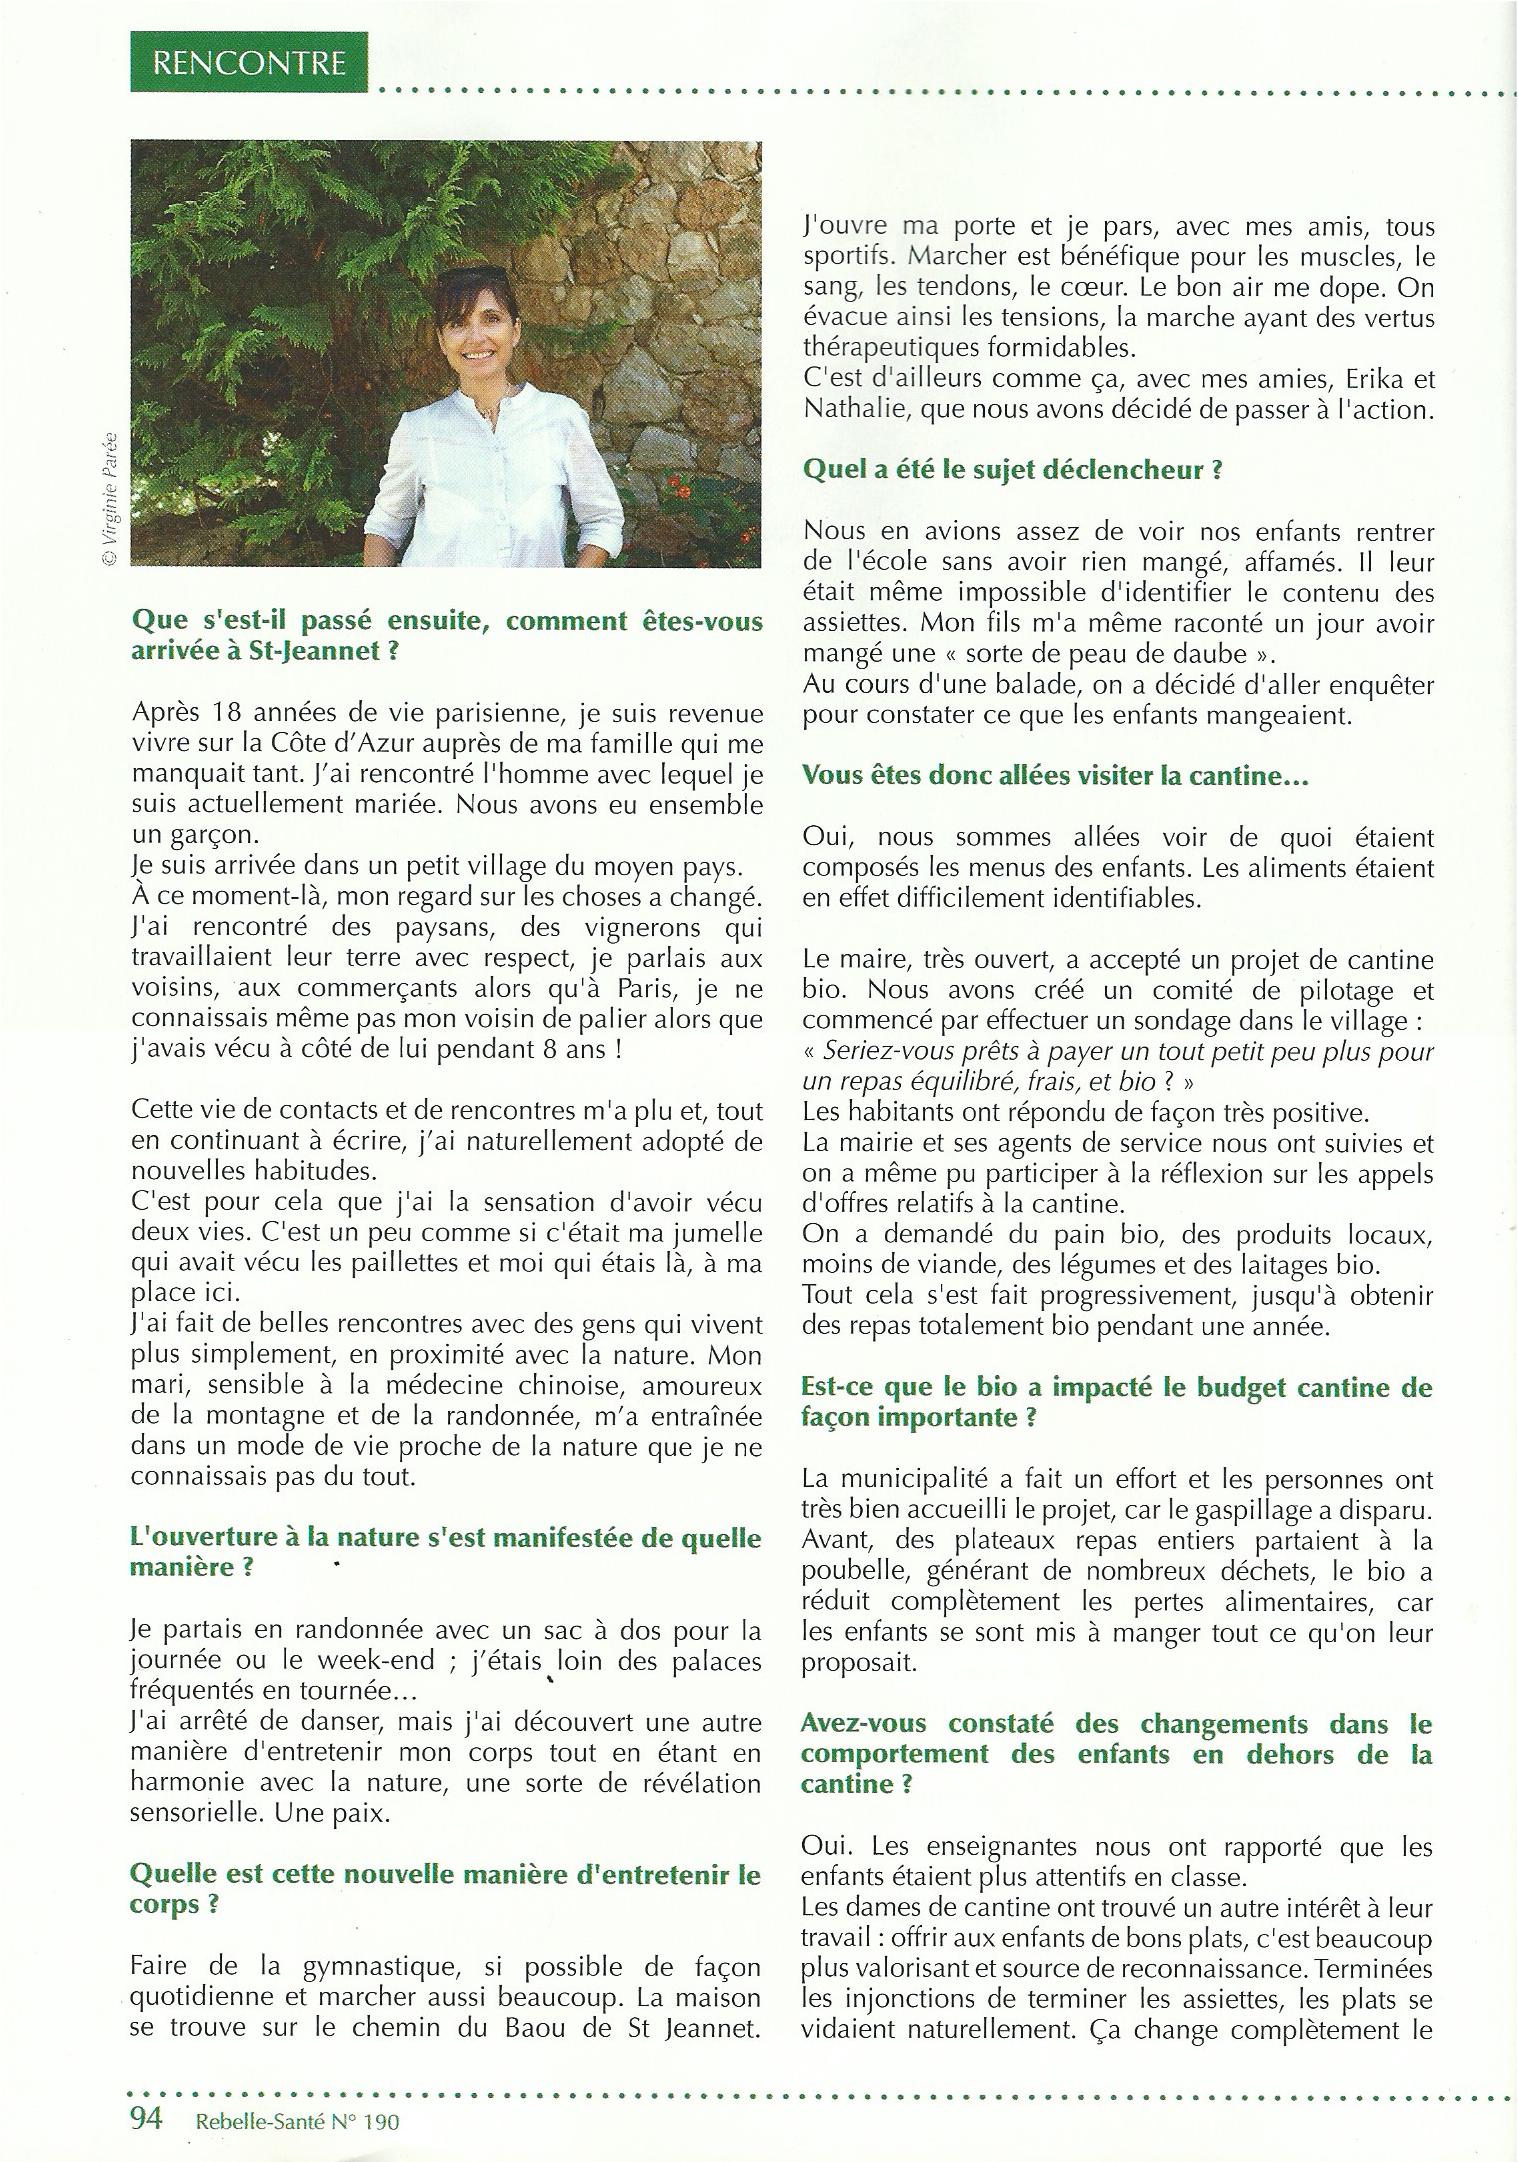 article-dans-rebelle-sante-3